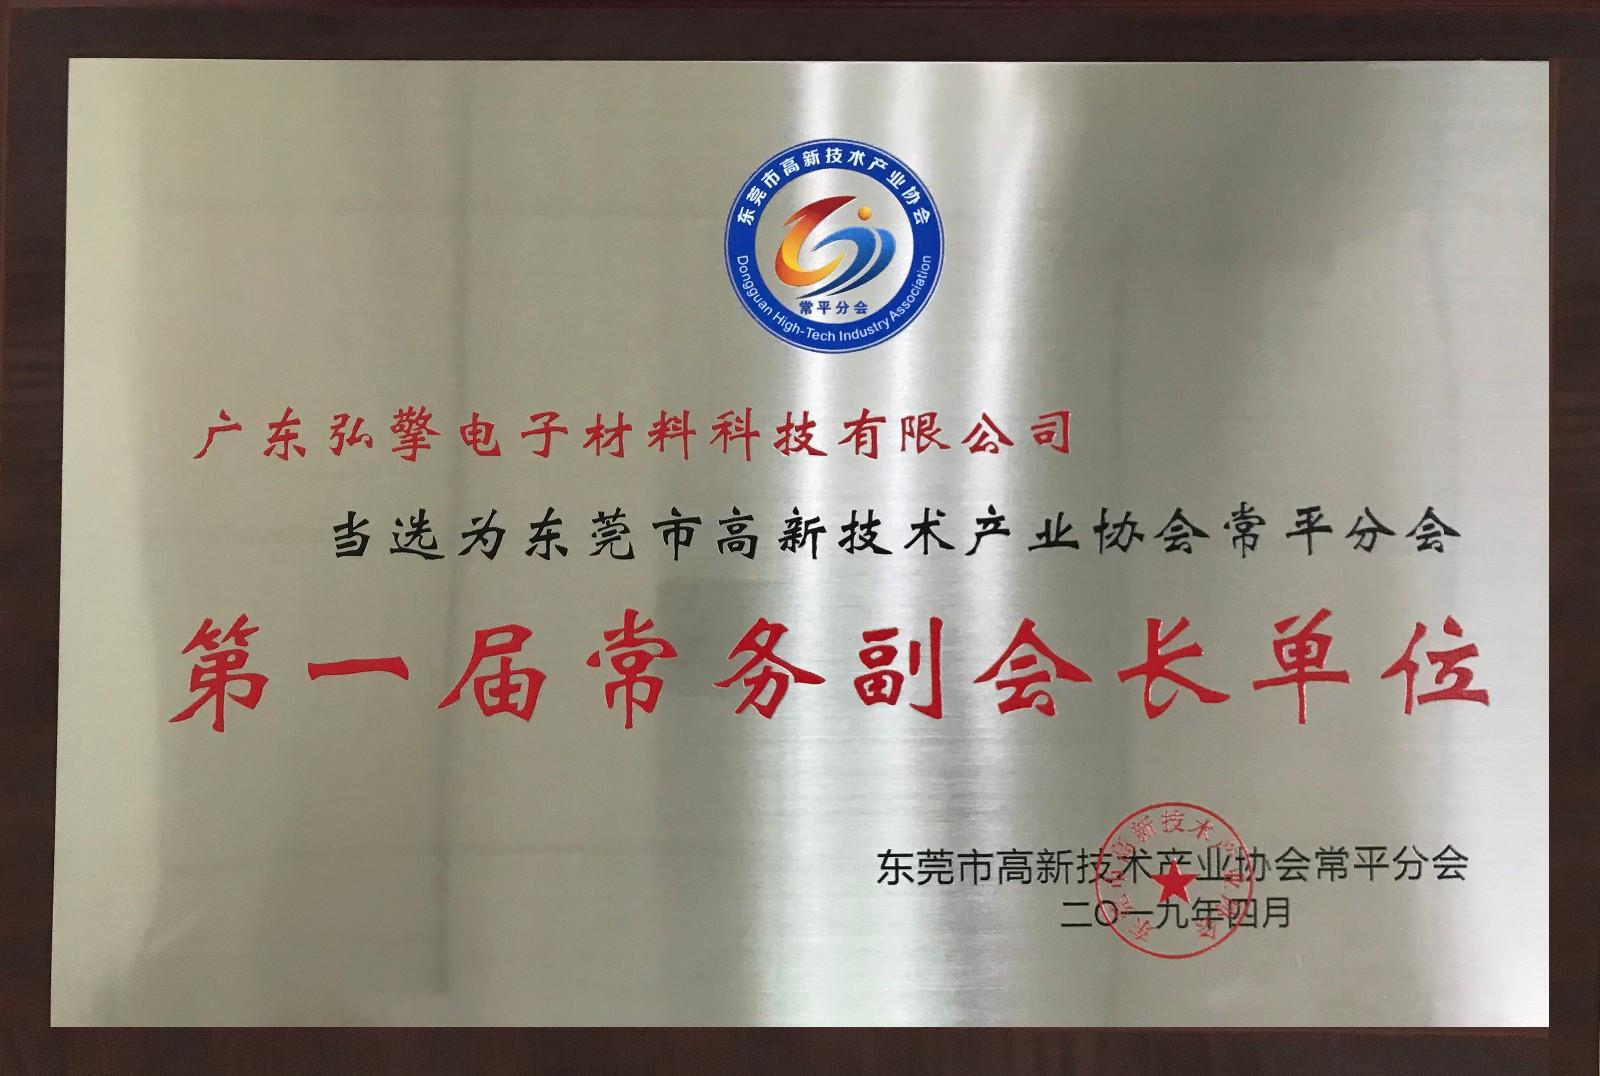 喜讯!广东体育app万博下载当选东莞市高新技术产业协会常平分会-第一届常务副会长单位!